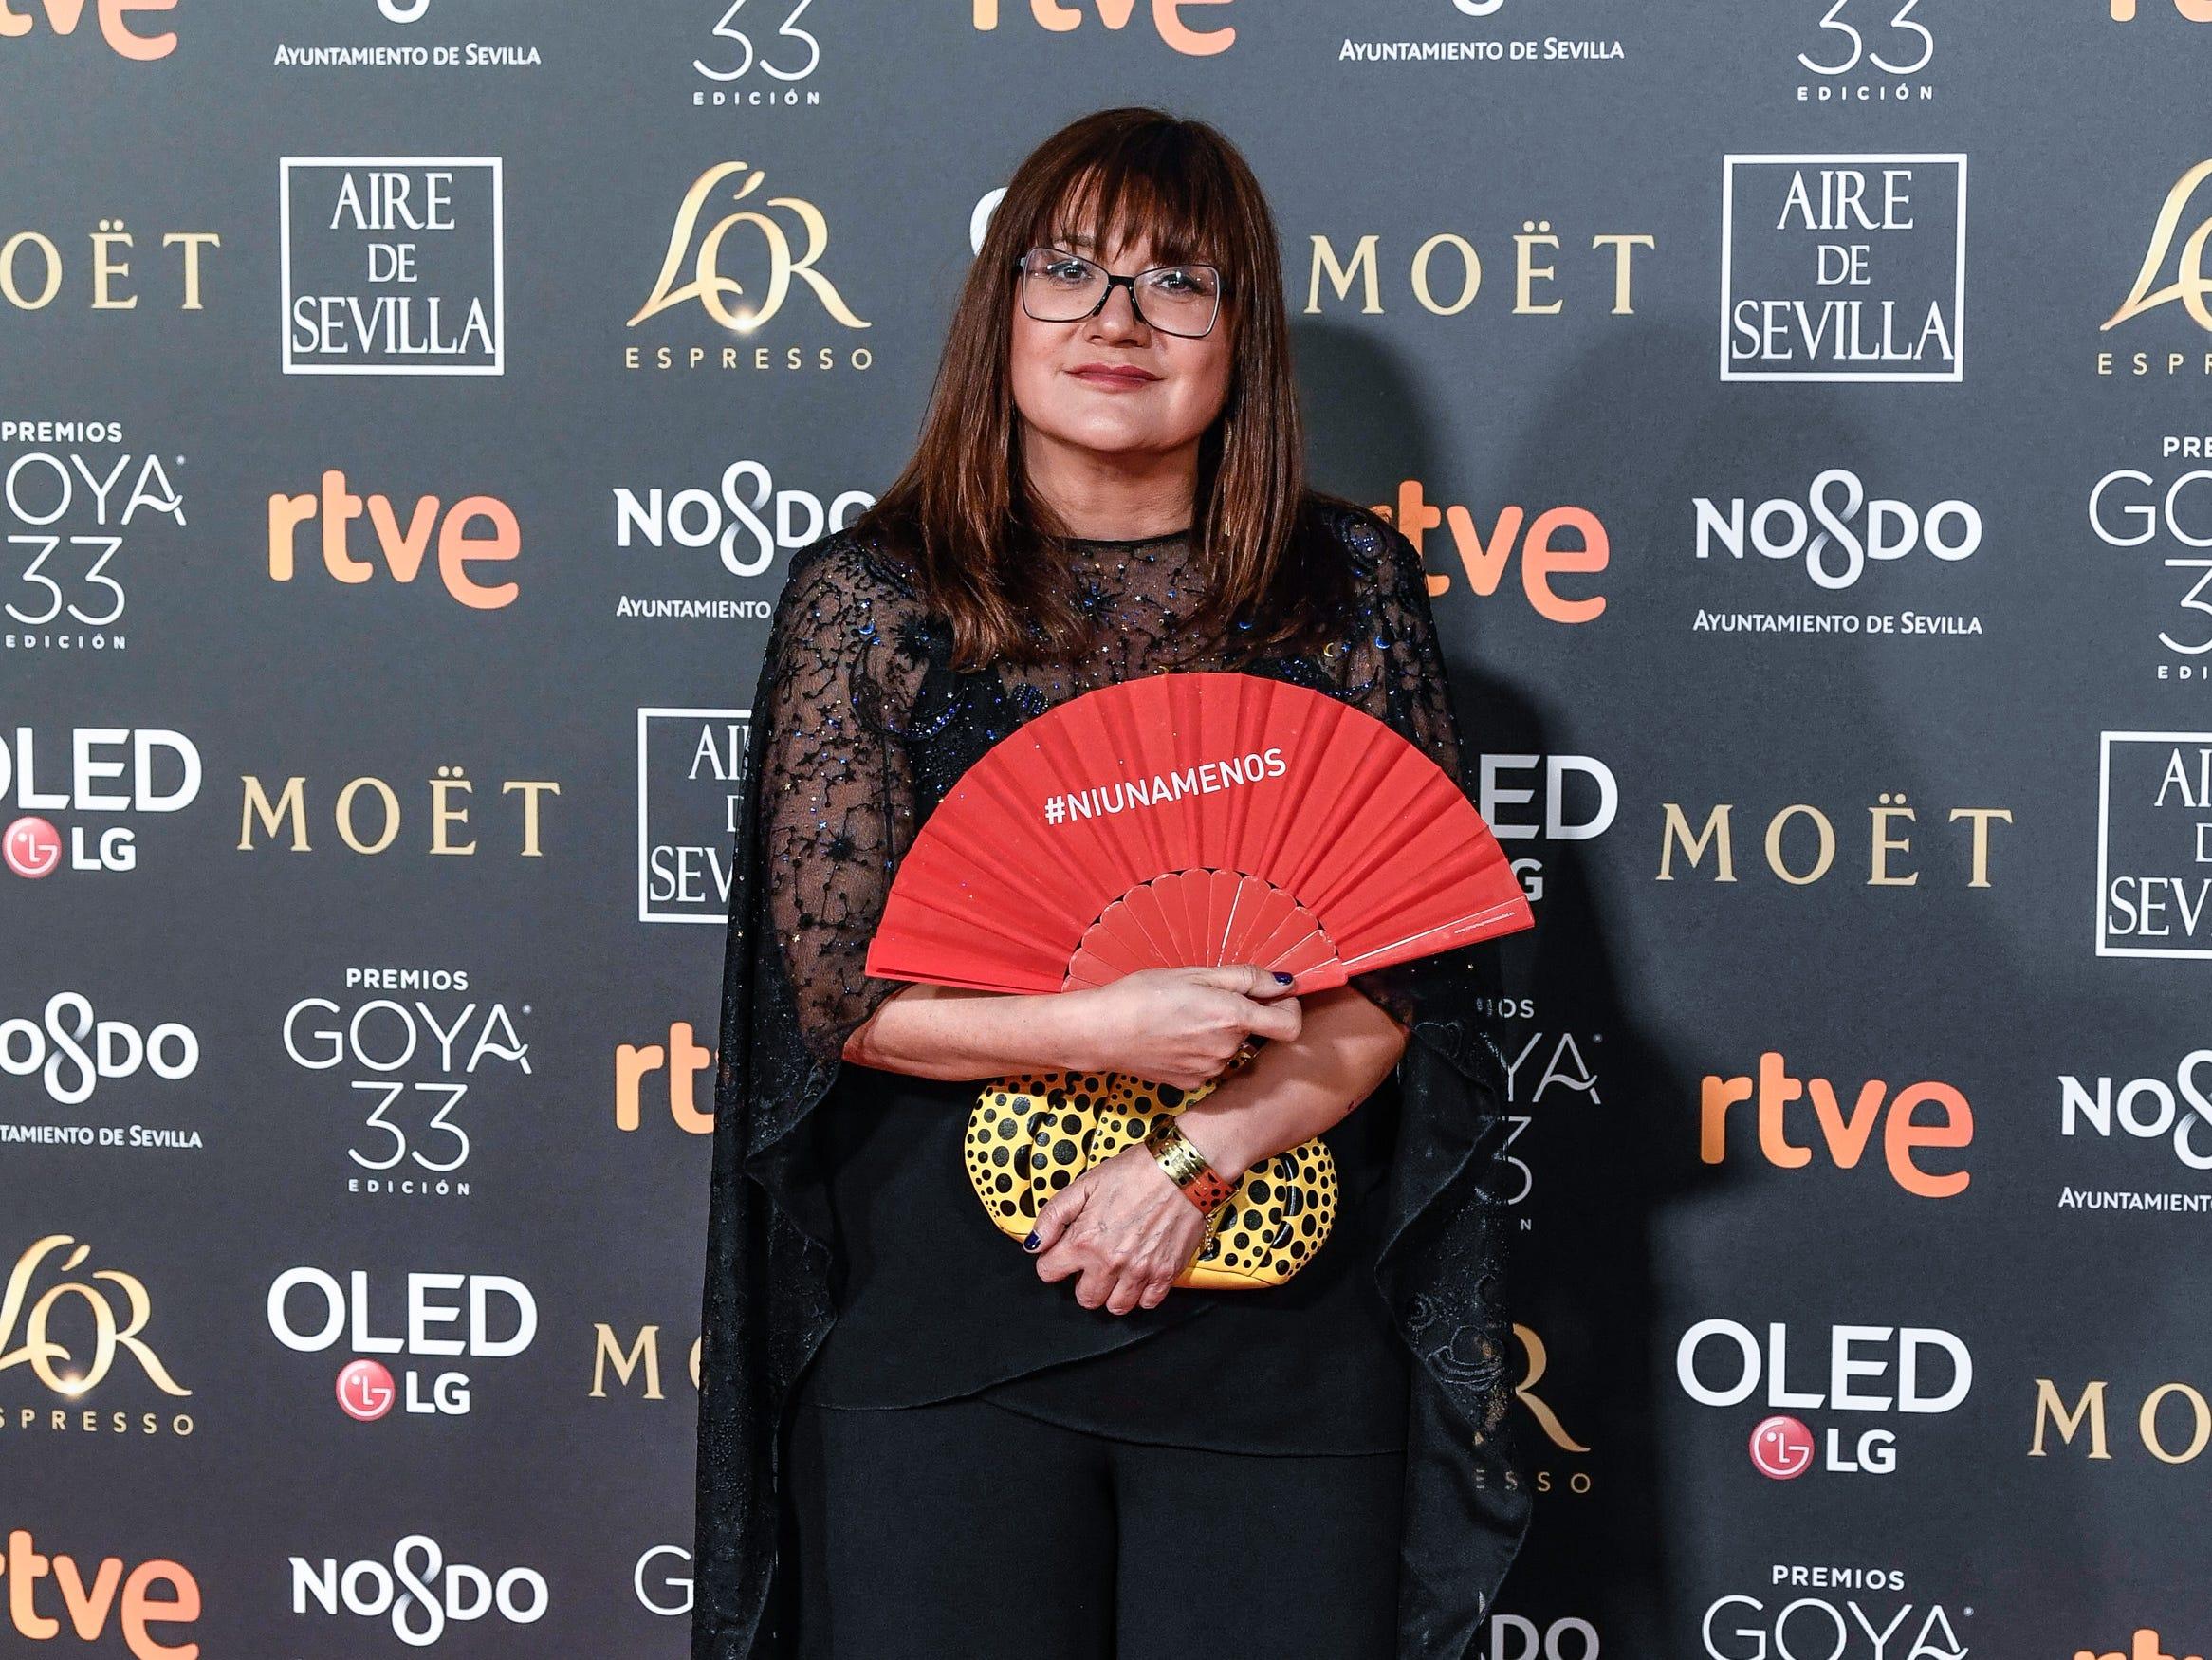 Isabel Coixet asiste a la 33ª edición de los Premios de Cine Goya en el Palacio de Congresos y Exposiciones FIBES el 2 de febrero de 2019 en Sevilla, España.